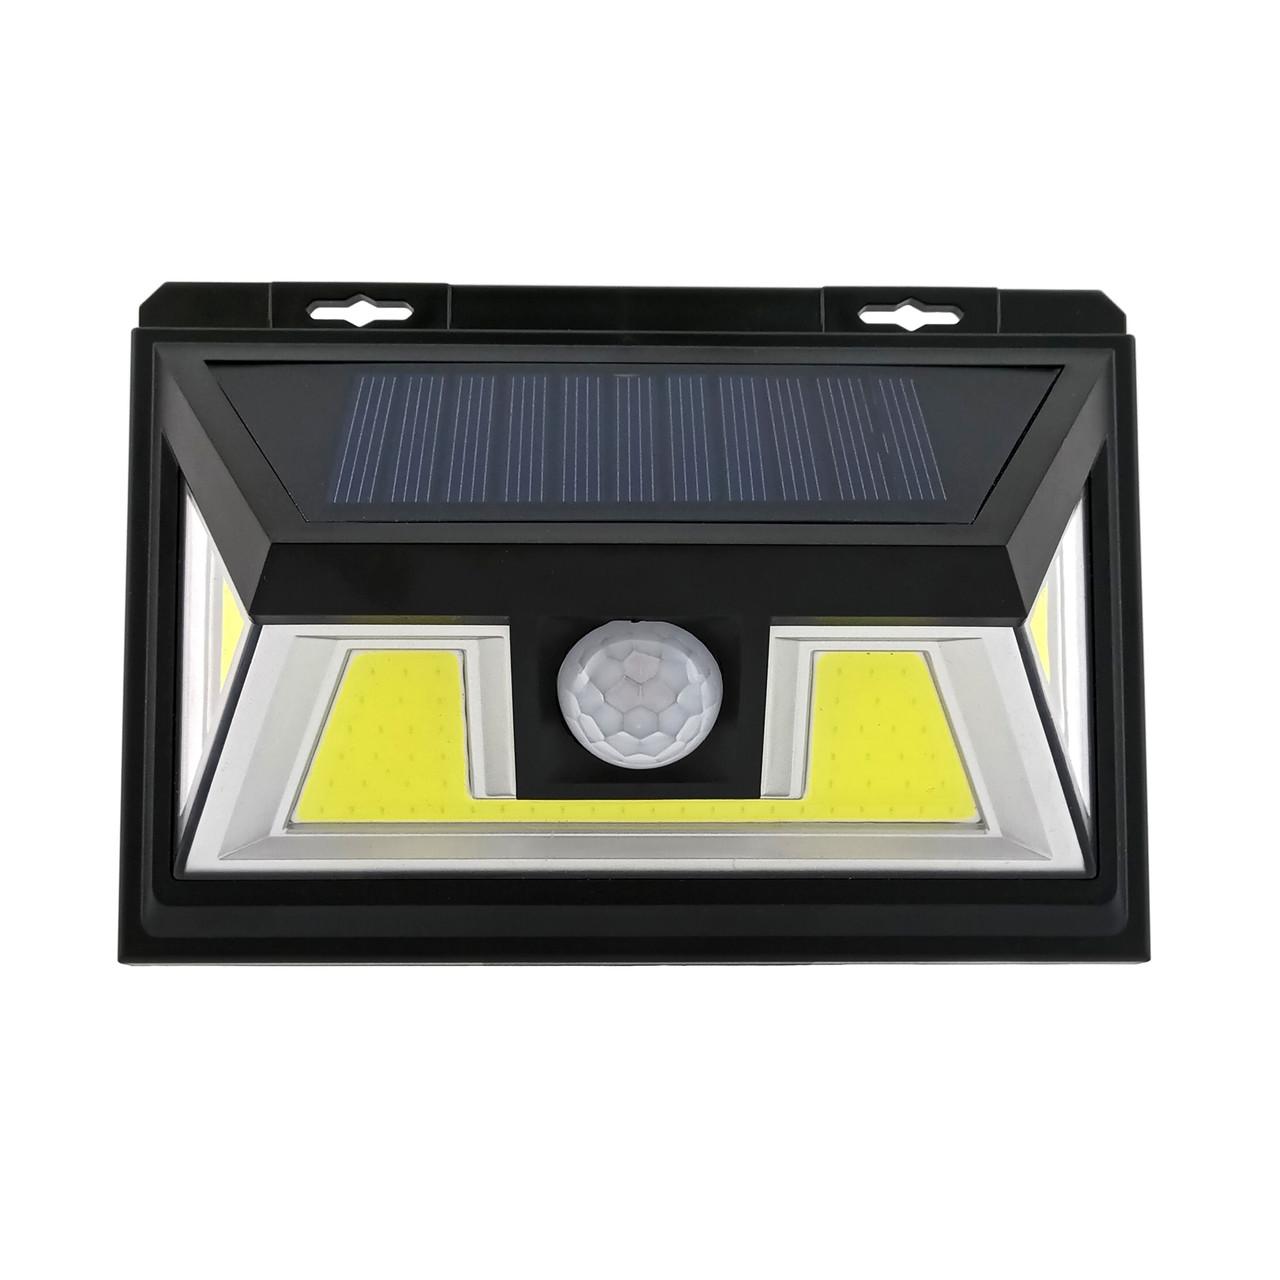 LED светильник на солнечной батарее VARGO 10W c датчиком